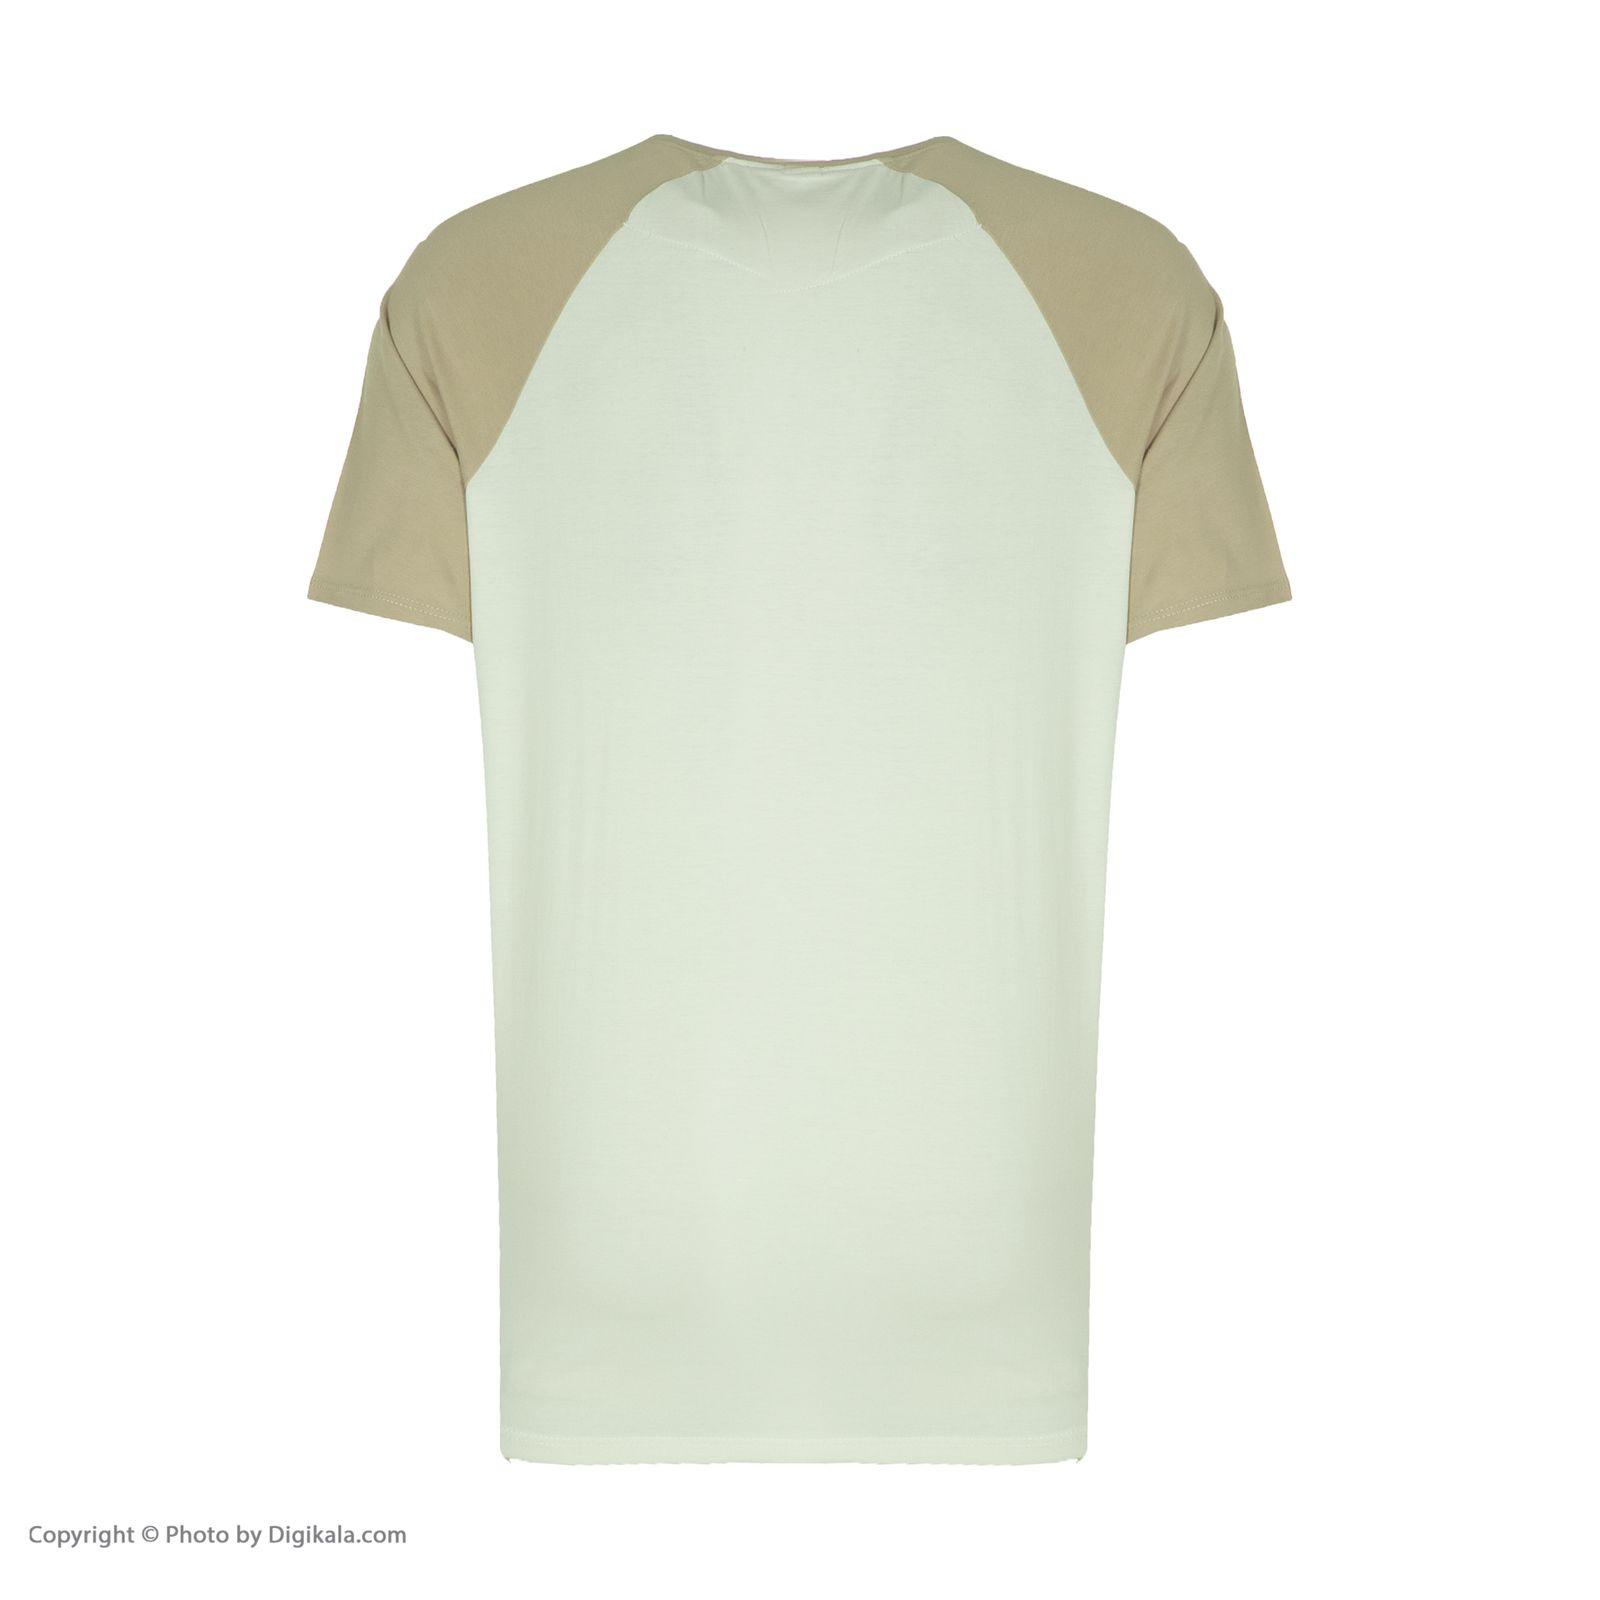 ست تی شرت و شلوارک راحتی مردانه مادر مدل 2041107-07 -  - 6